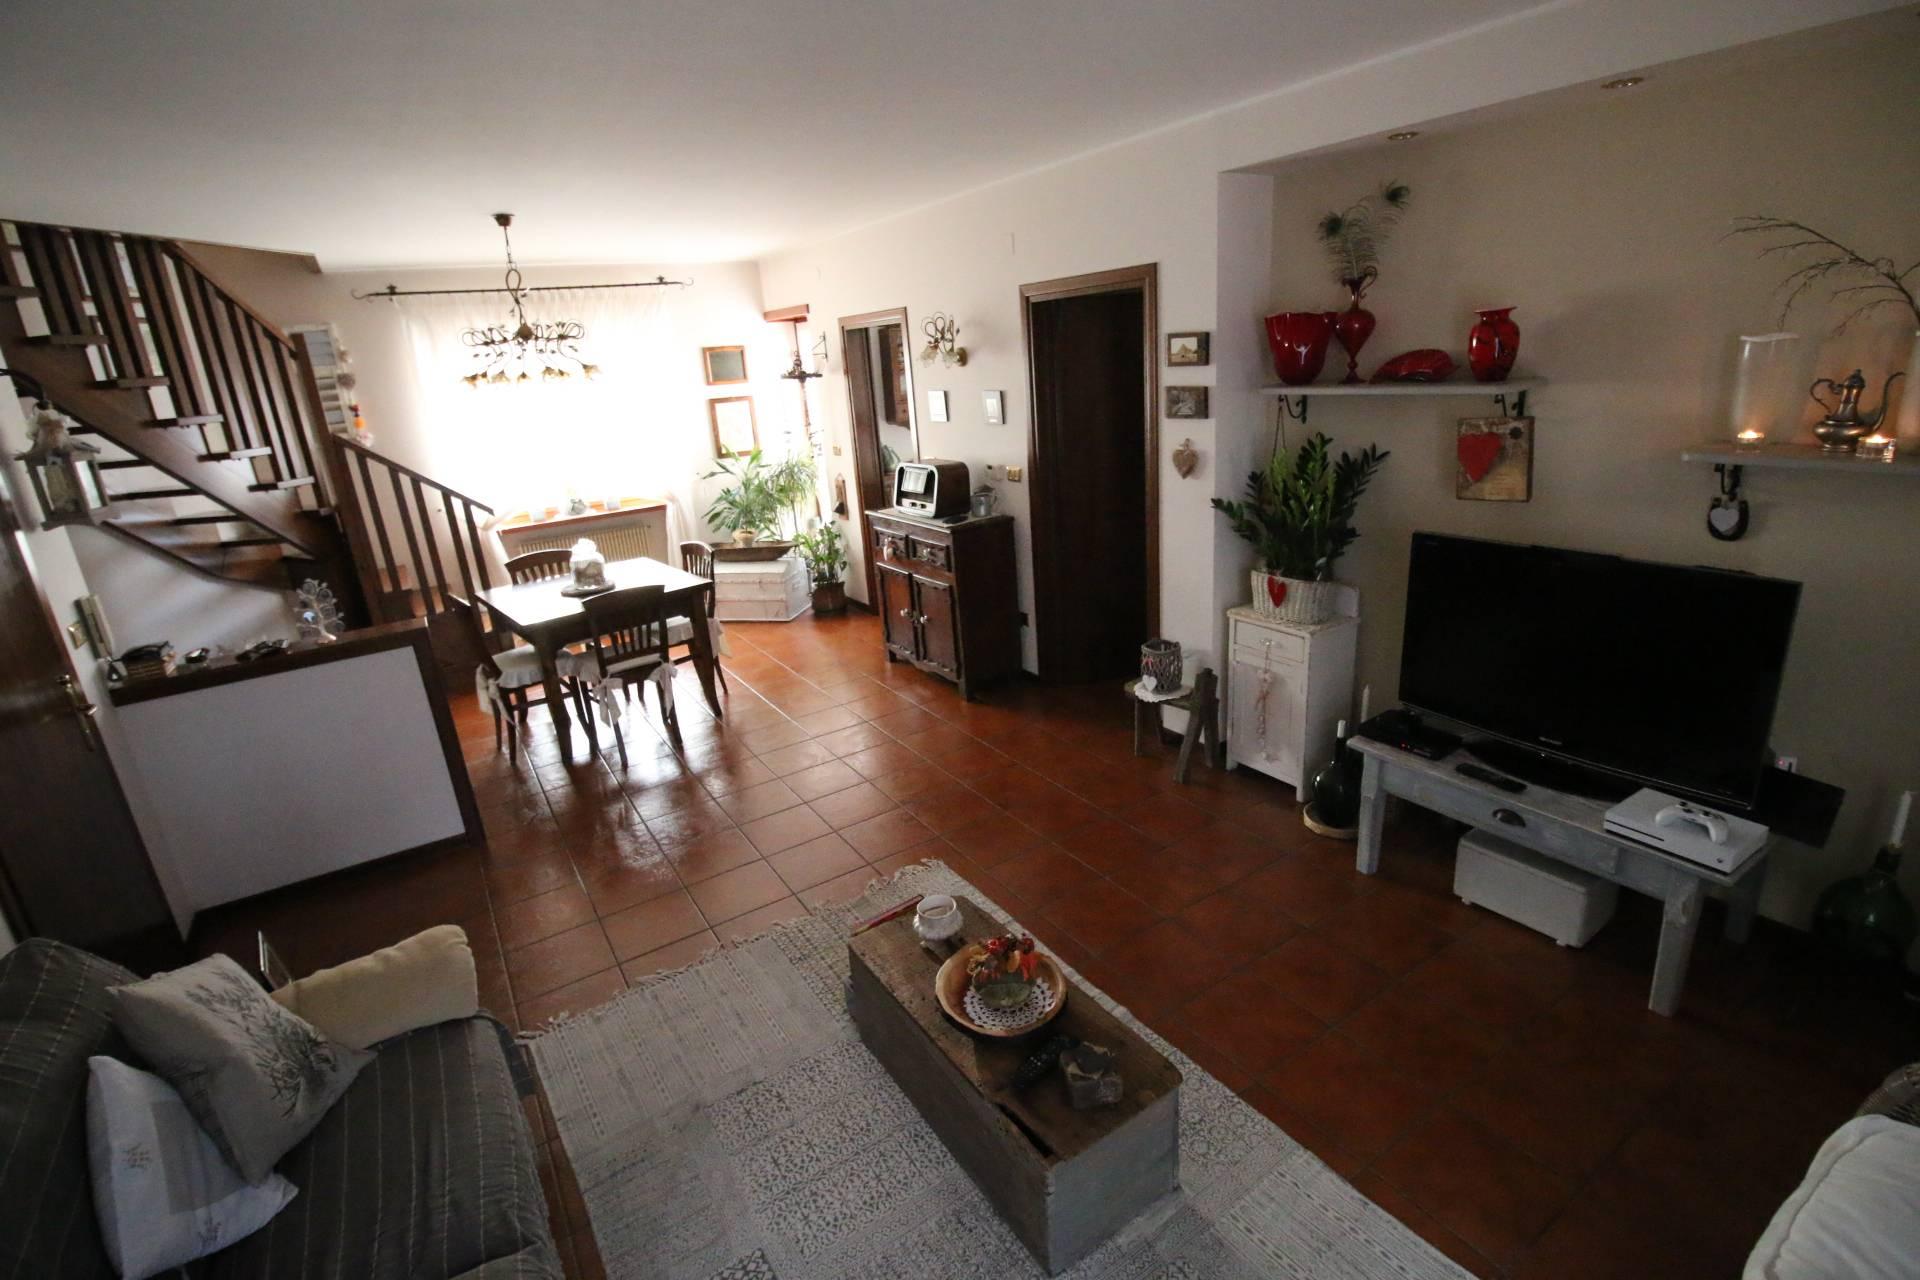 Appartamento in vendita a gorizia cod 446 - Ufficio tavolare di gorizia ...